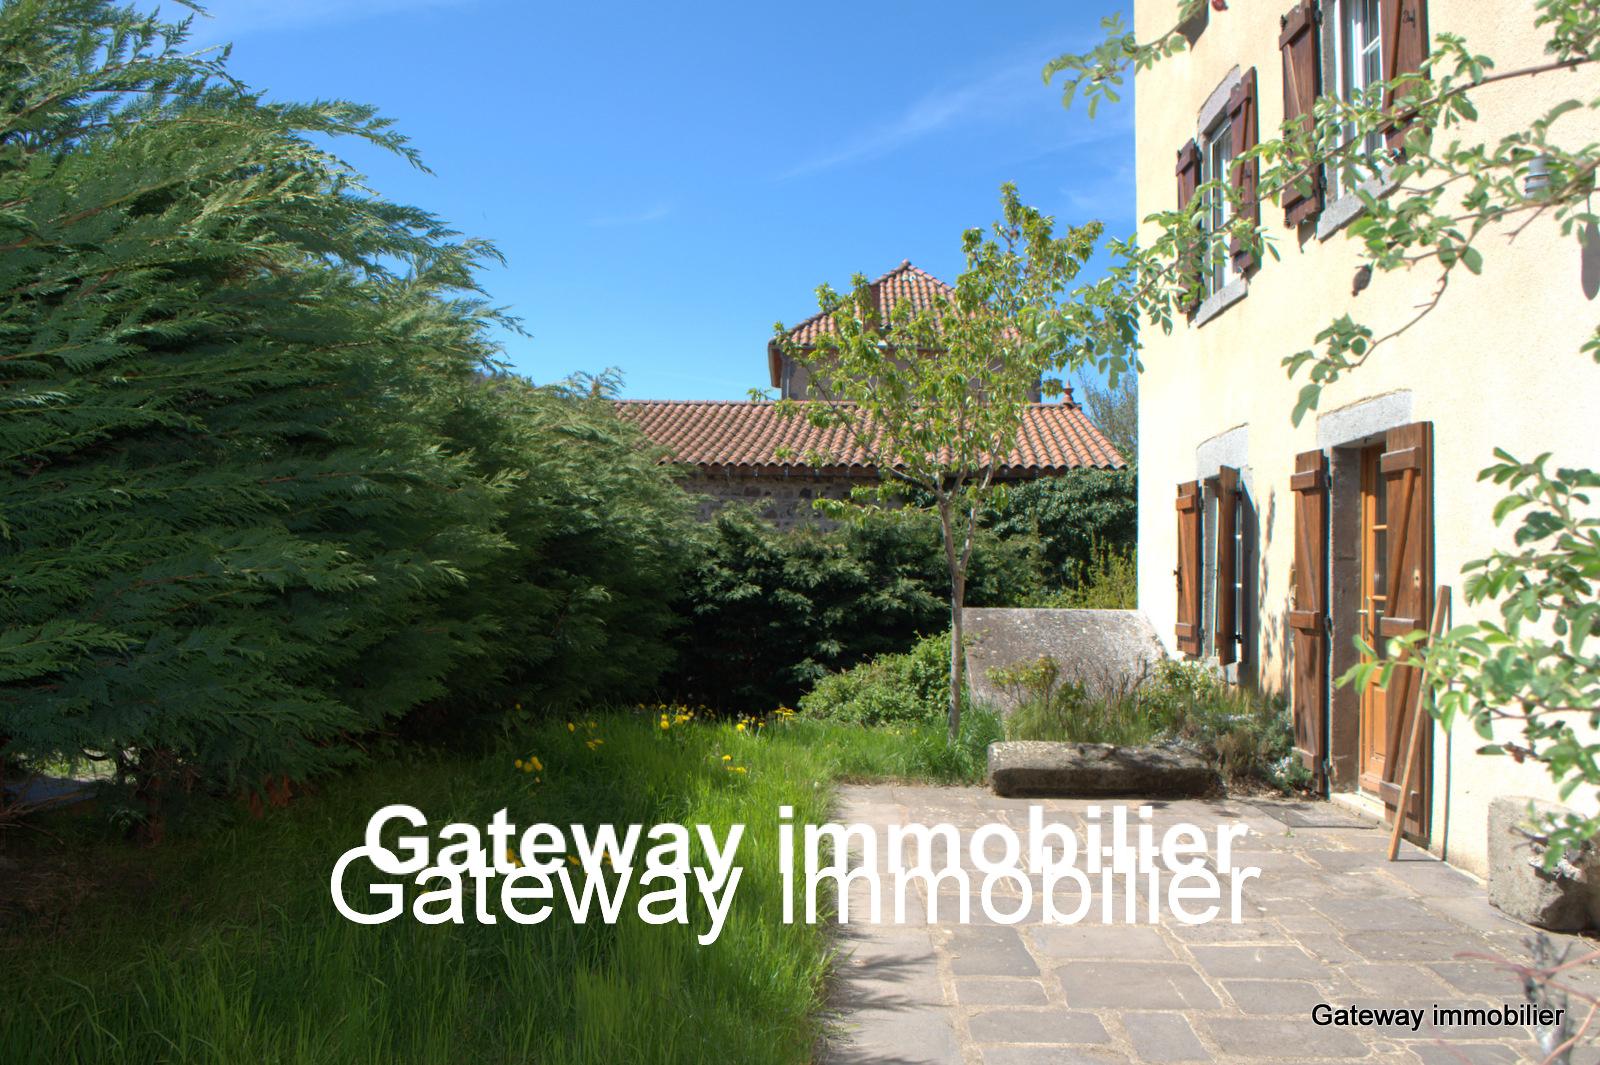 Vente maison du 19eme siecle 150 m2 63320 st nectaire for Prix maison 150 m2 rt 2012